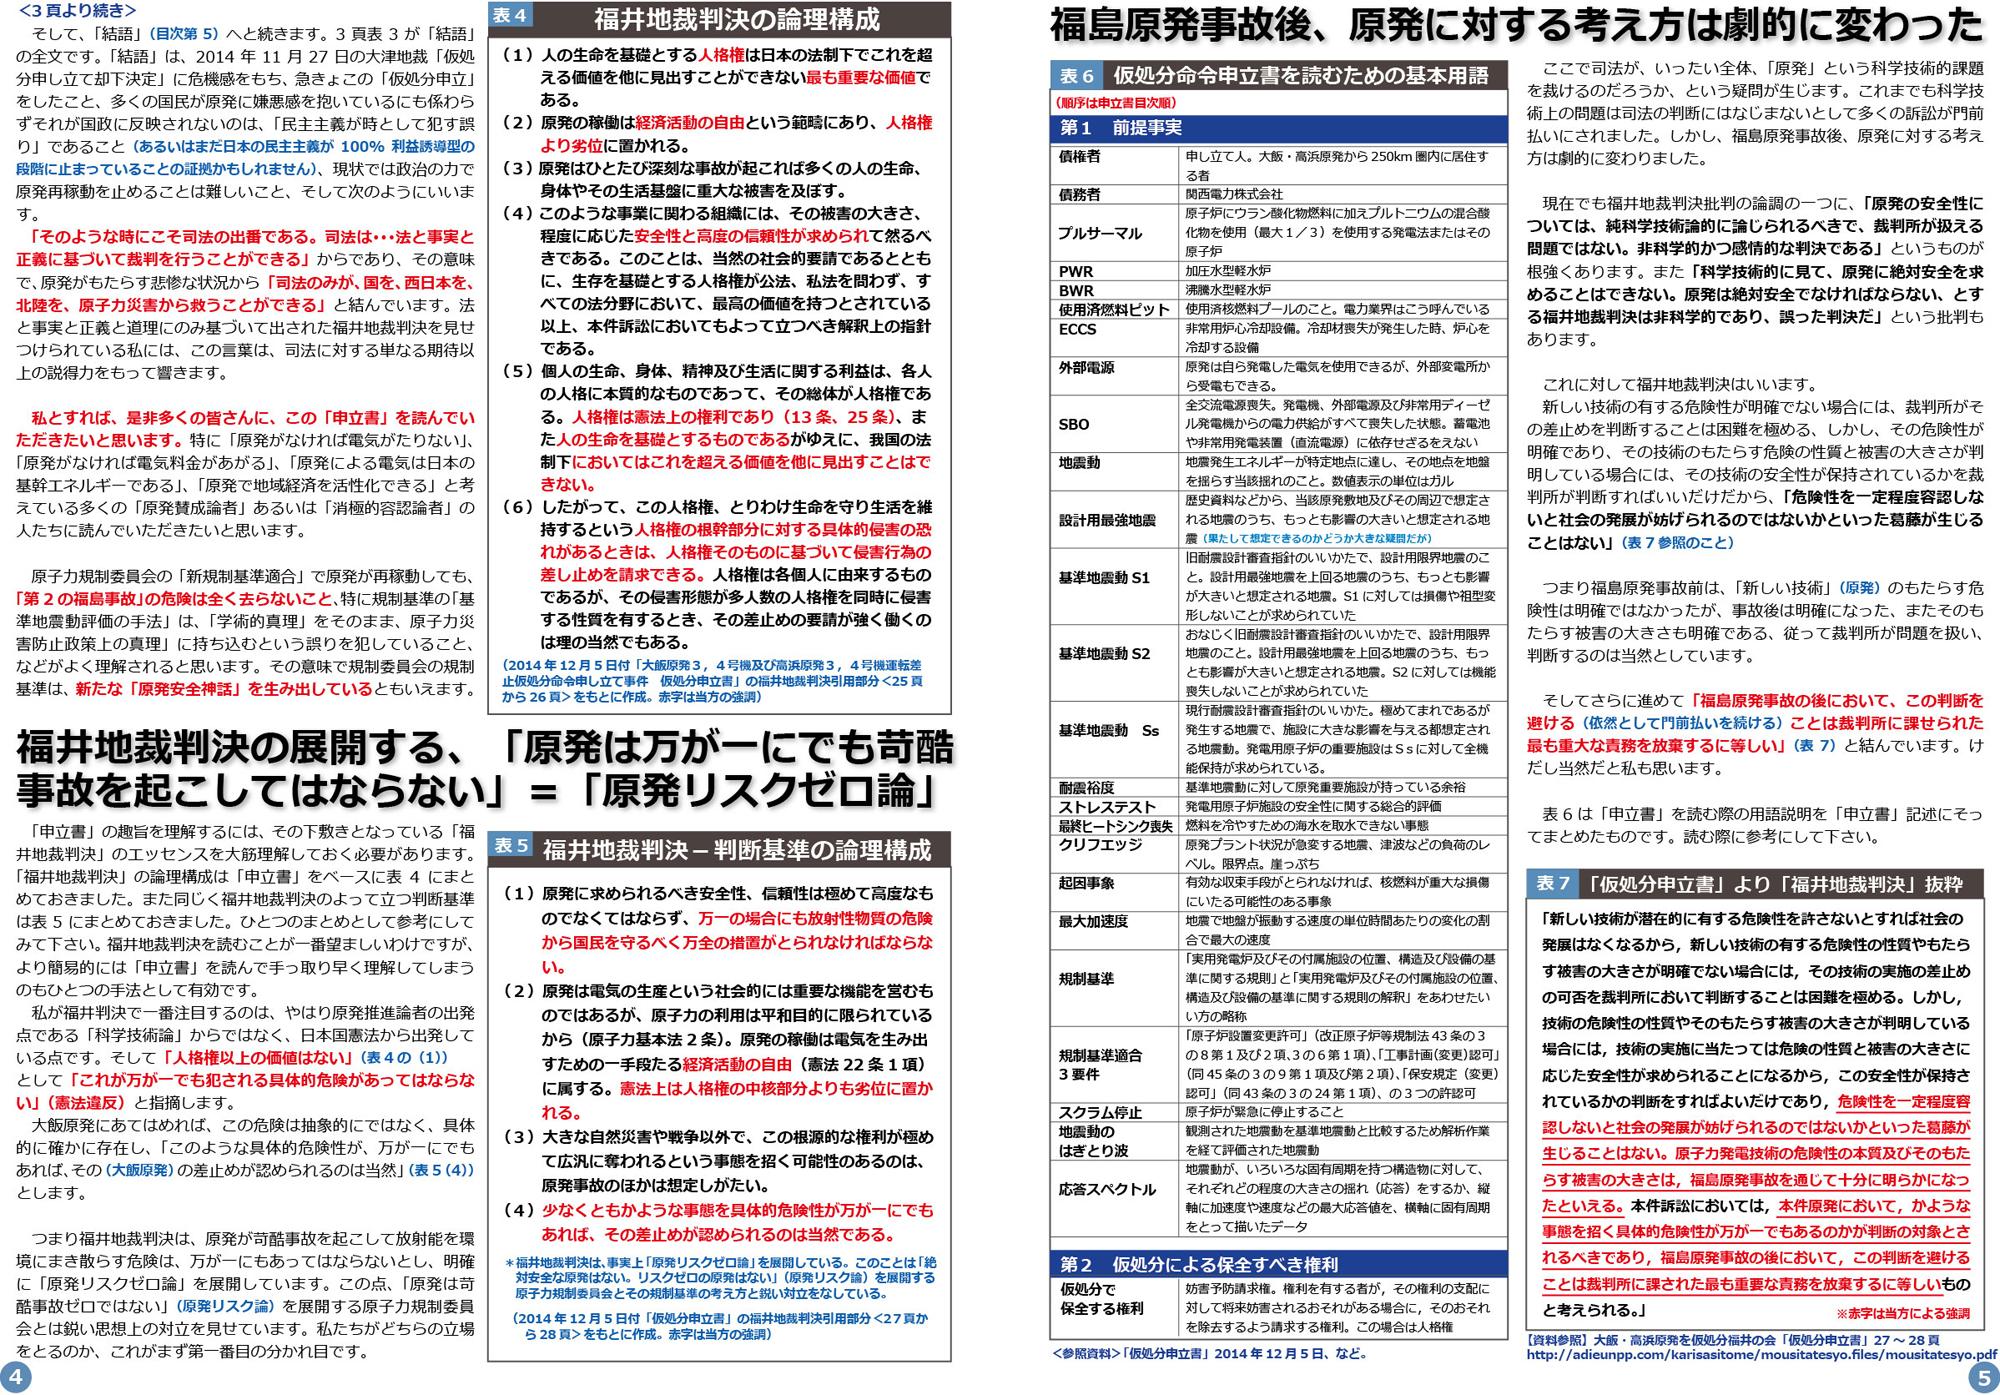 ファイル 392-3.jpg